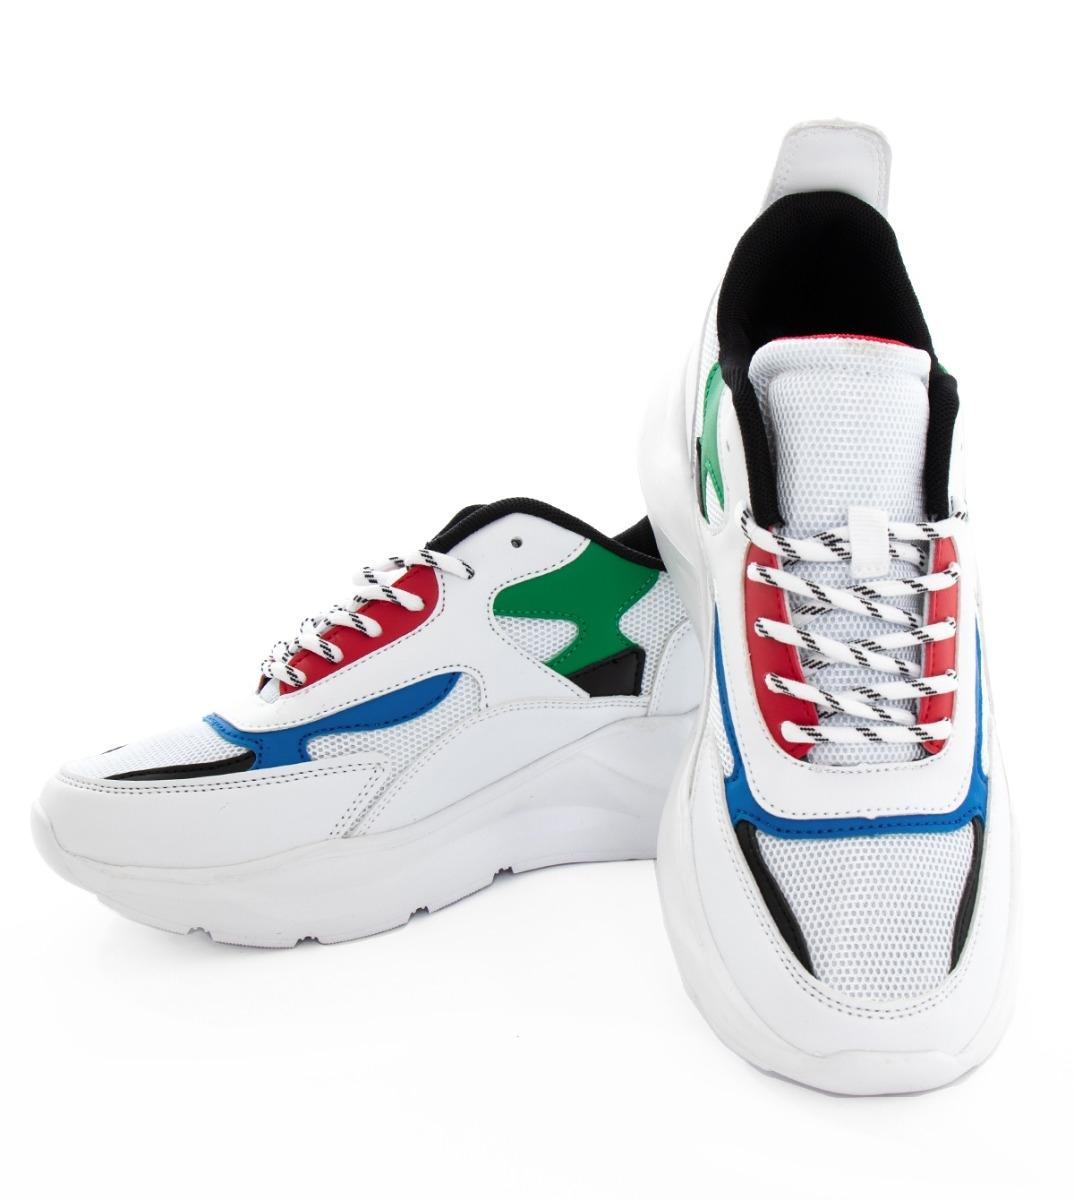 Scarpe Uomo Sneakers Sportive Bianche Multicolore Con Lacci Calzature Casual GIOSAL